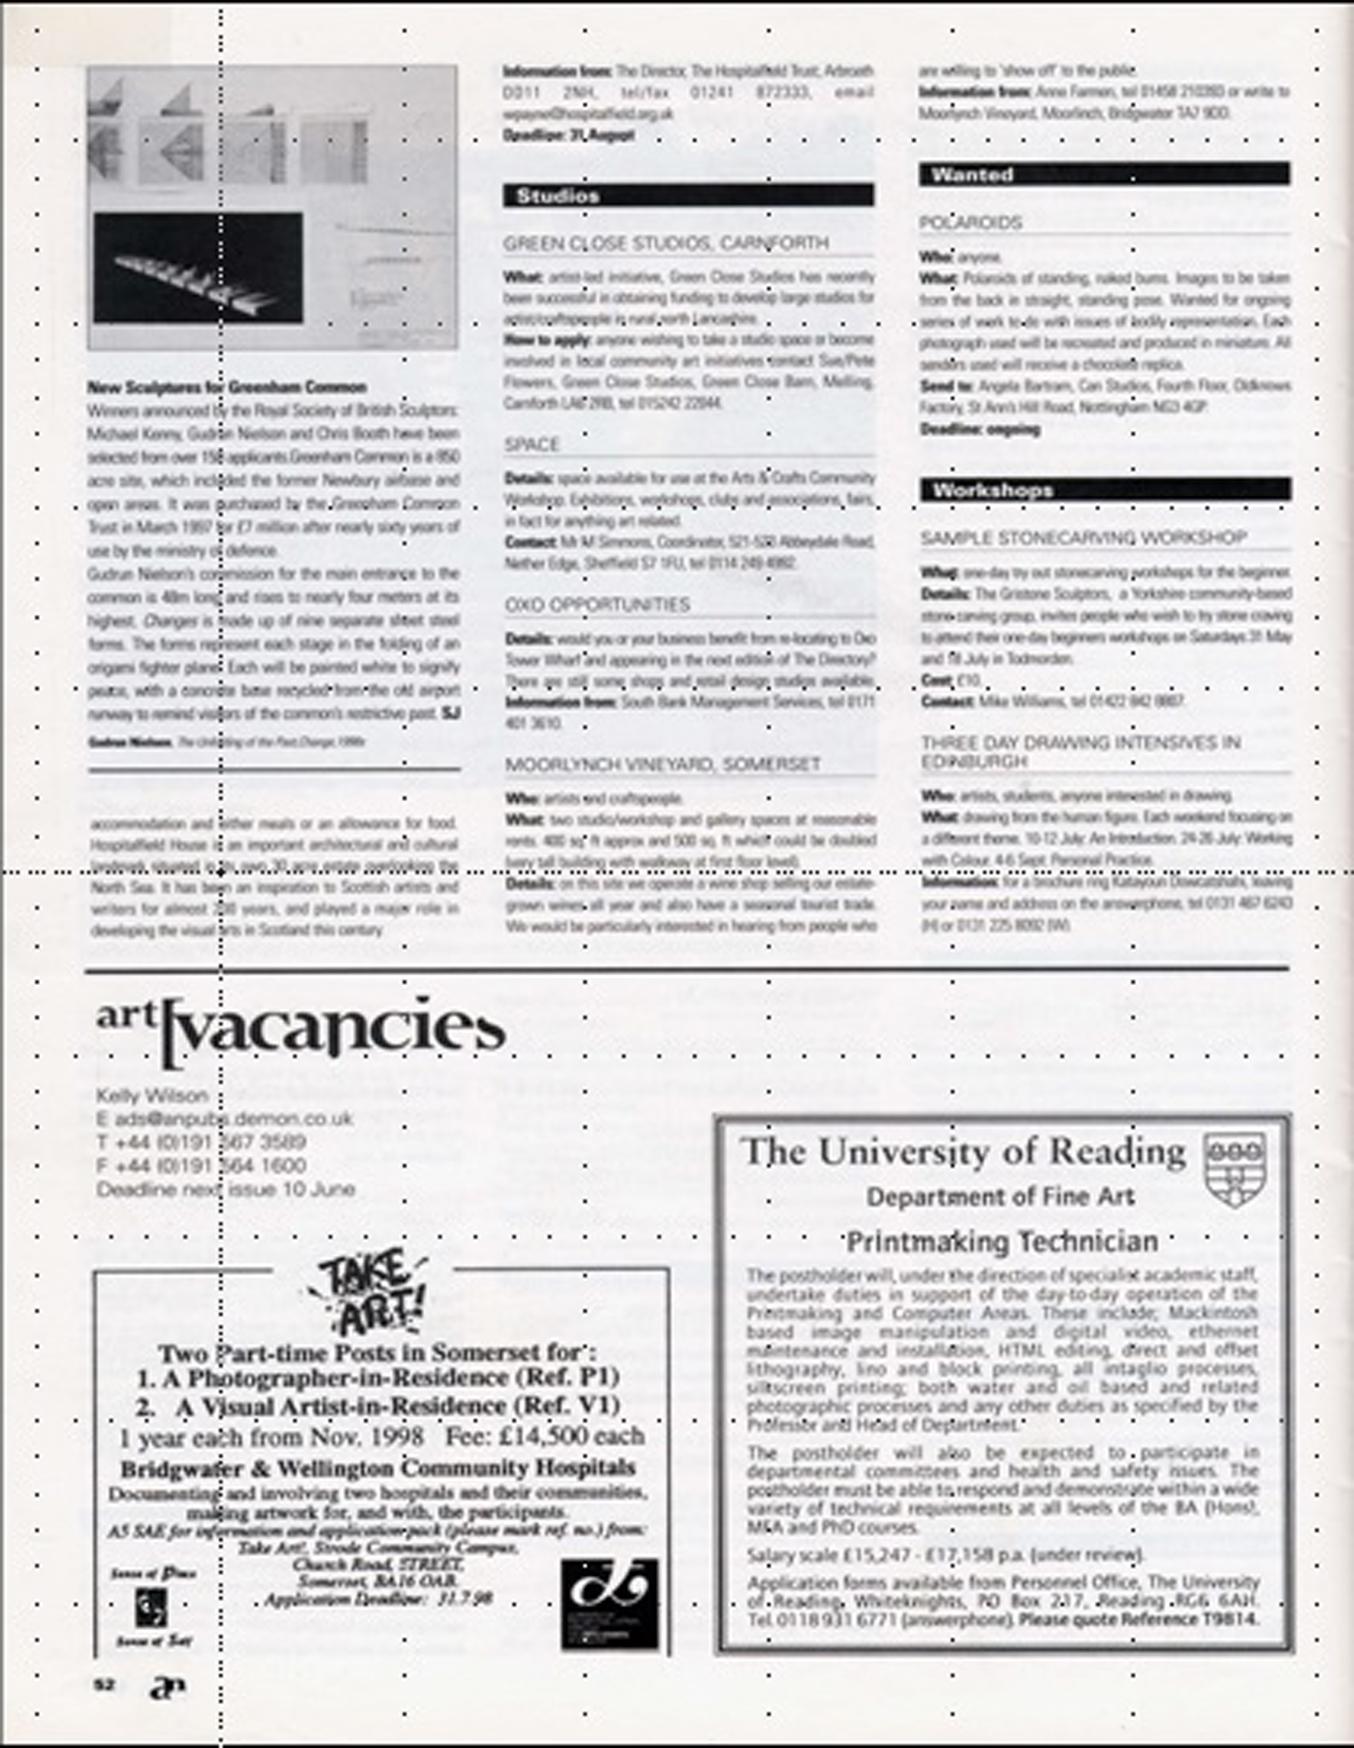 artist newsletter 1998 b.jpg